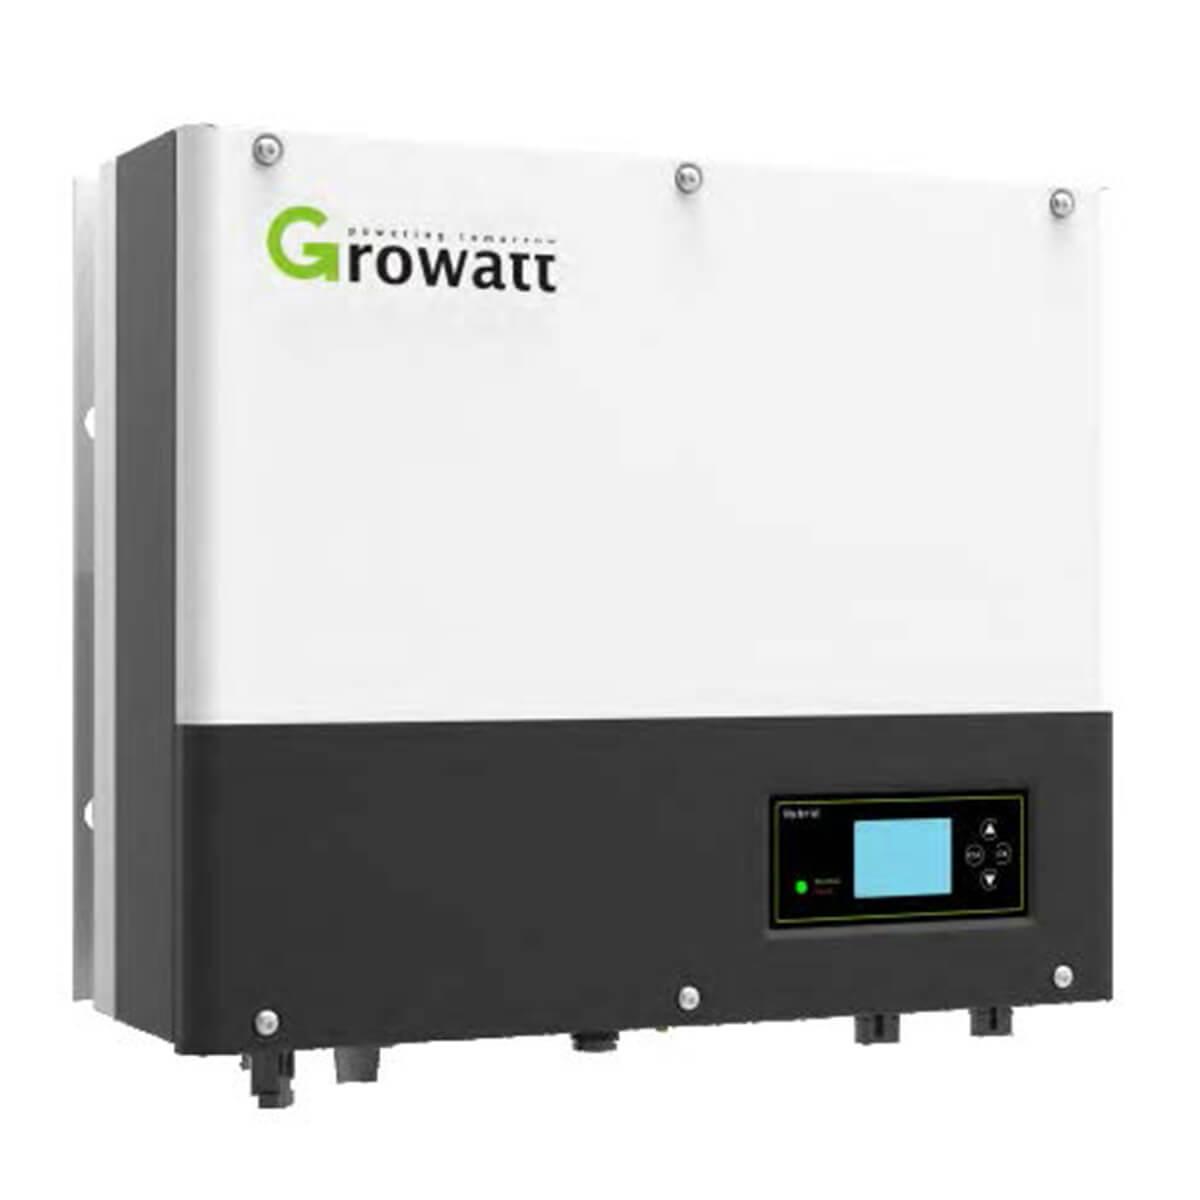 growatt 8kW hibrit inverter, growatt spa 8kW hibrit inverter, growatt spa 8000tl3 bh hibrit inverter, growatt spa 8000tl3 bh, growatt spa 8 kW, GROWATT 8 kW